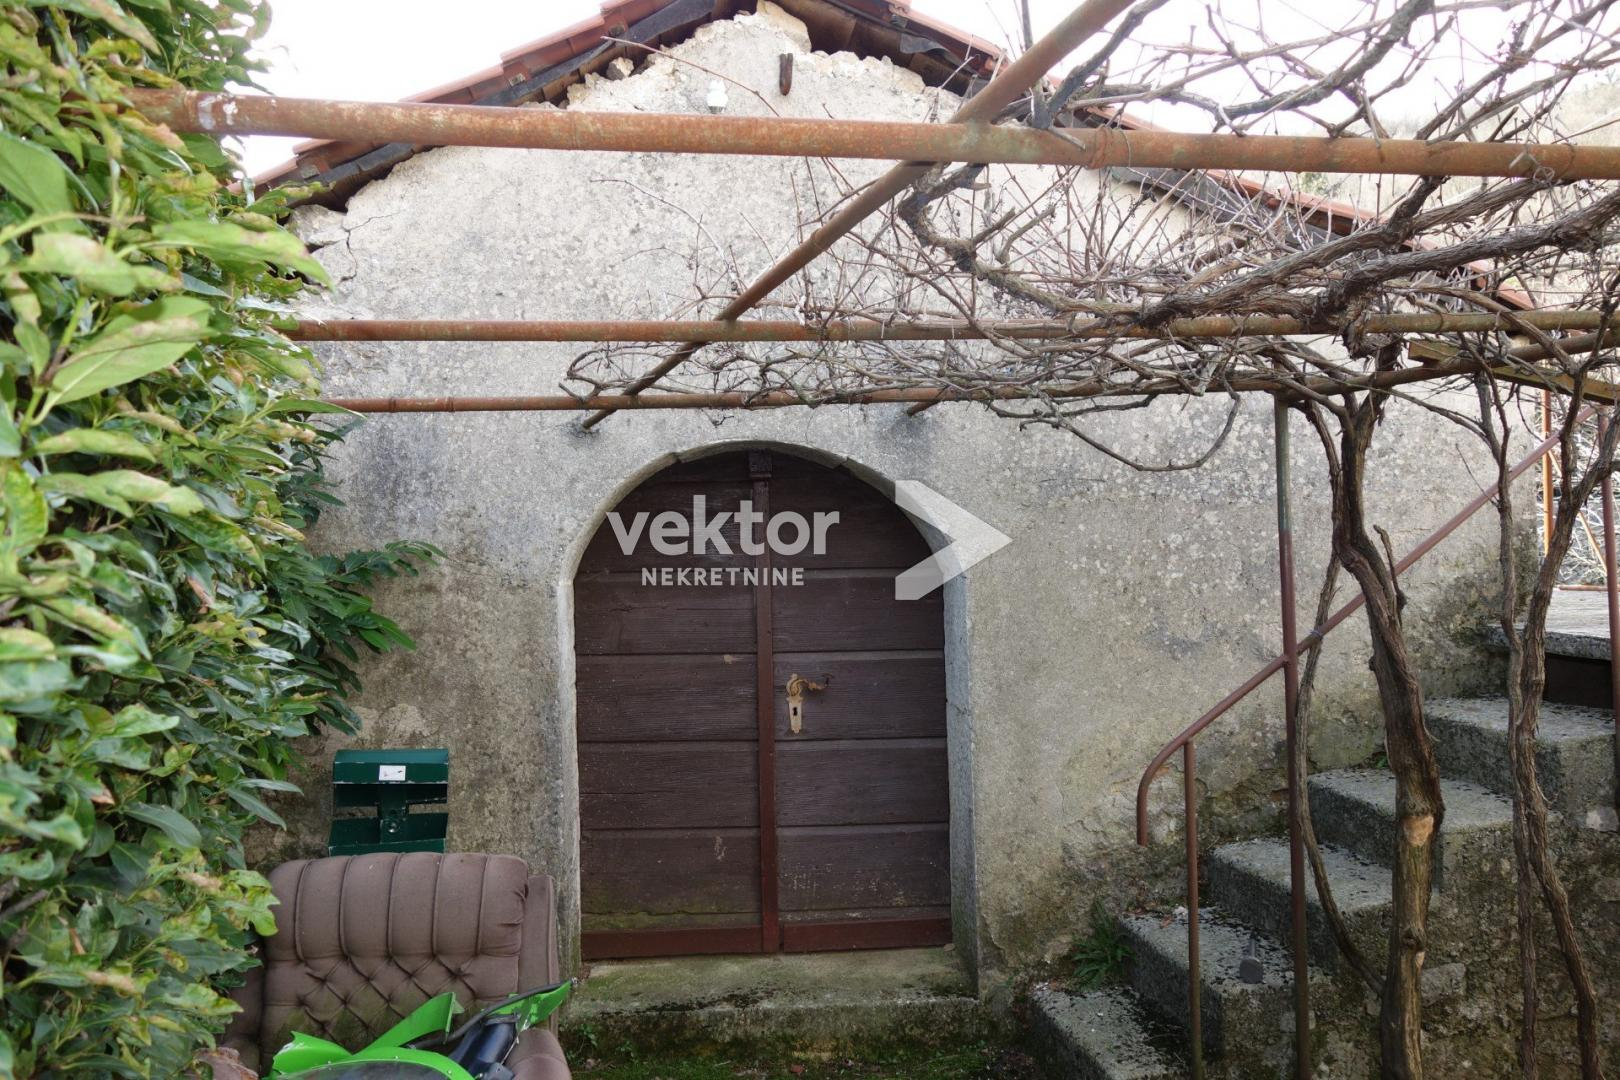 Kuća, Rukavac, 166m2, manja okućnica